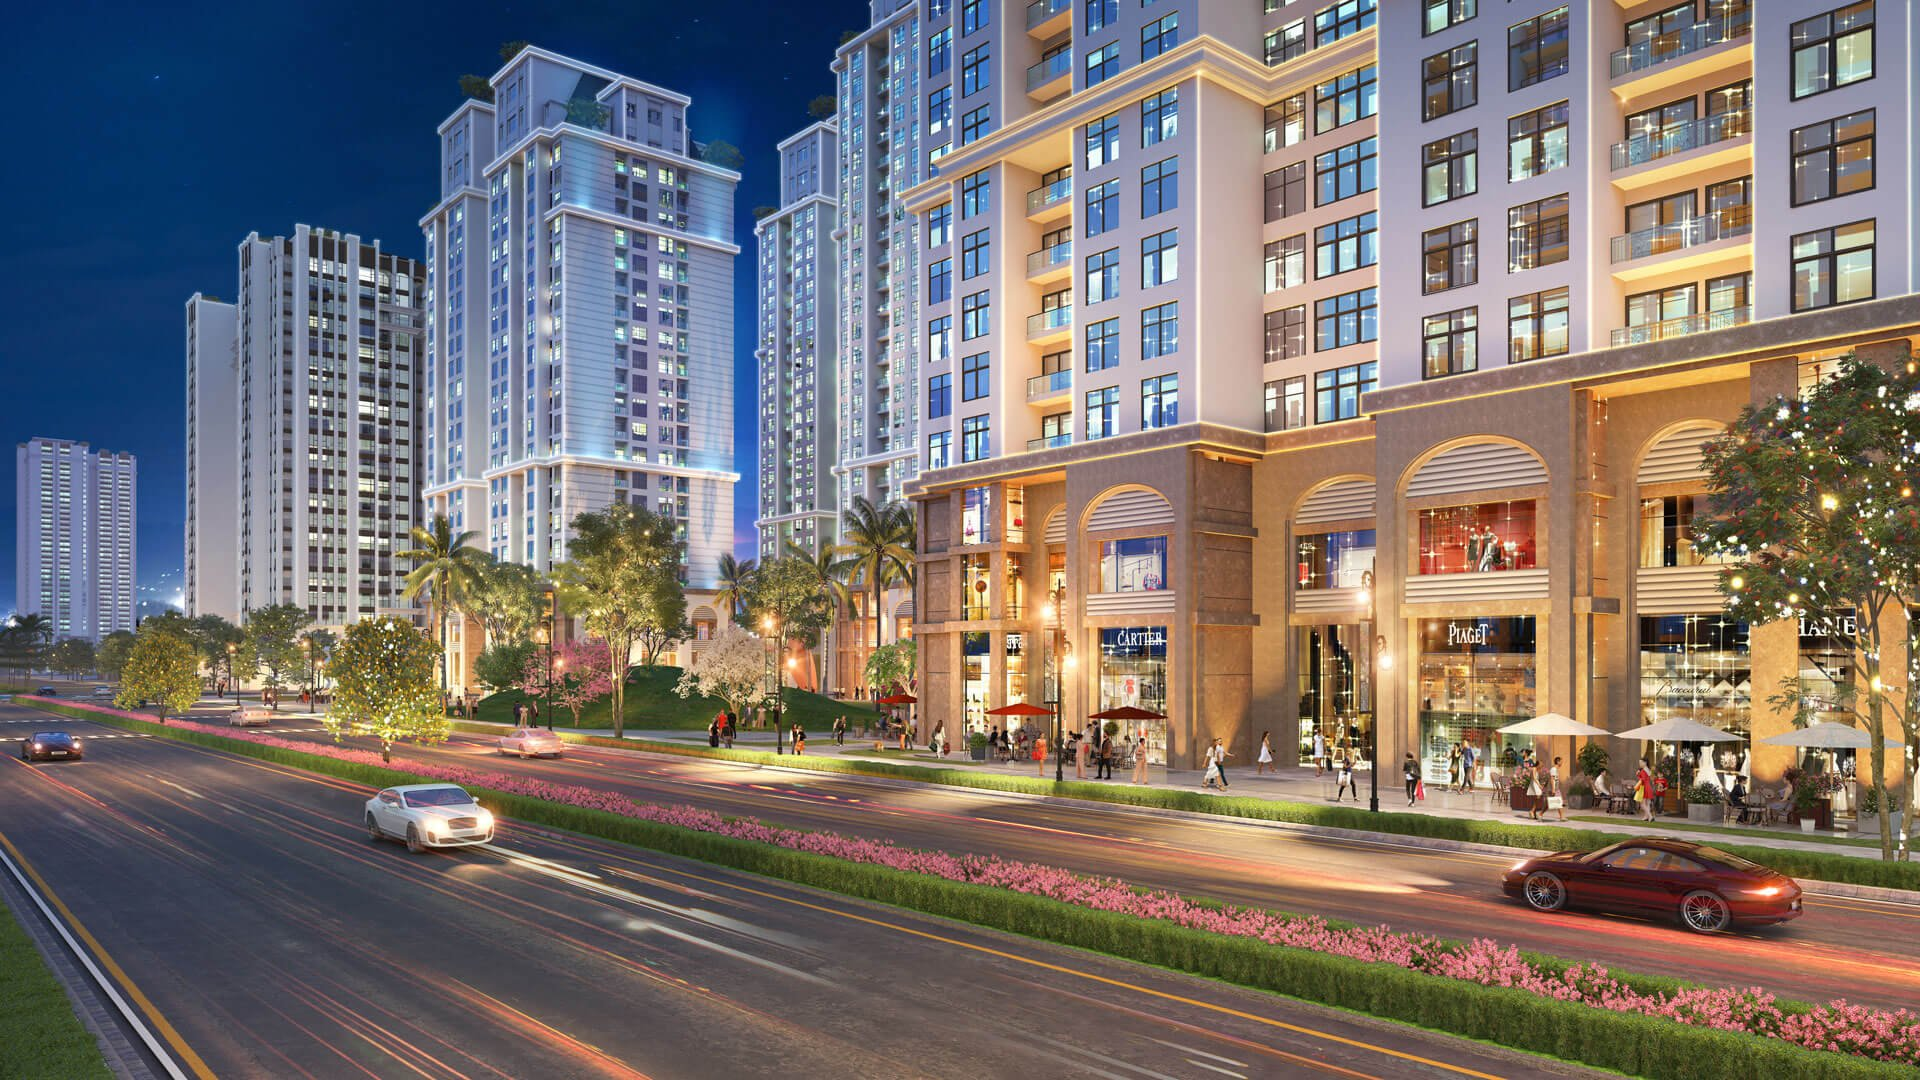 Các đại đô thị đang dẫn dắt xu hướng mua bất động sản tại TP.HCM 3